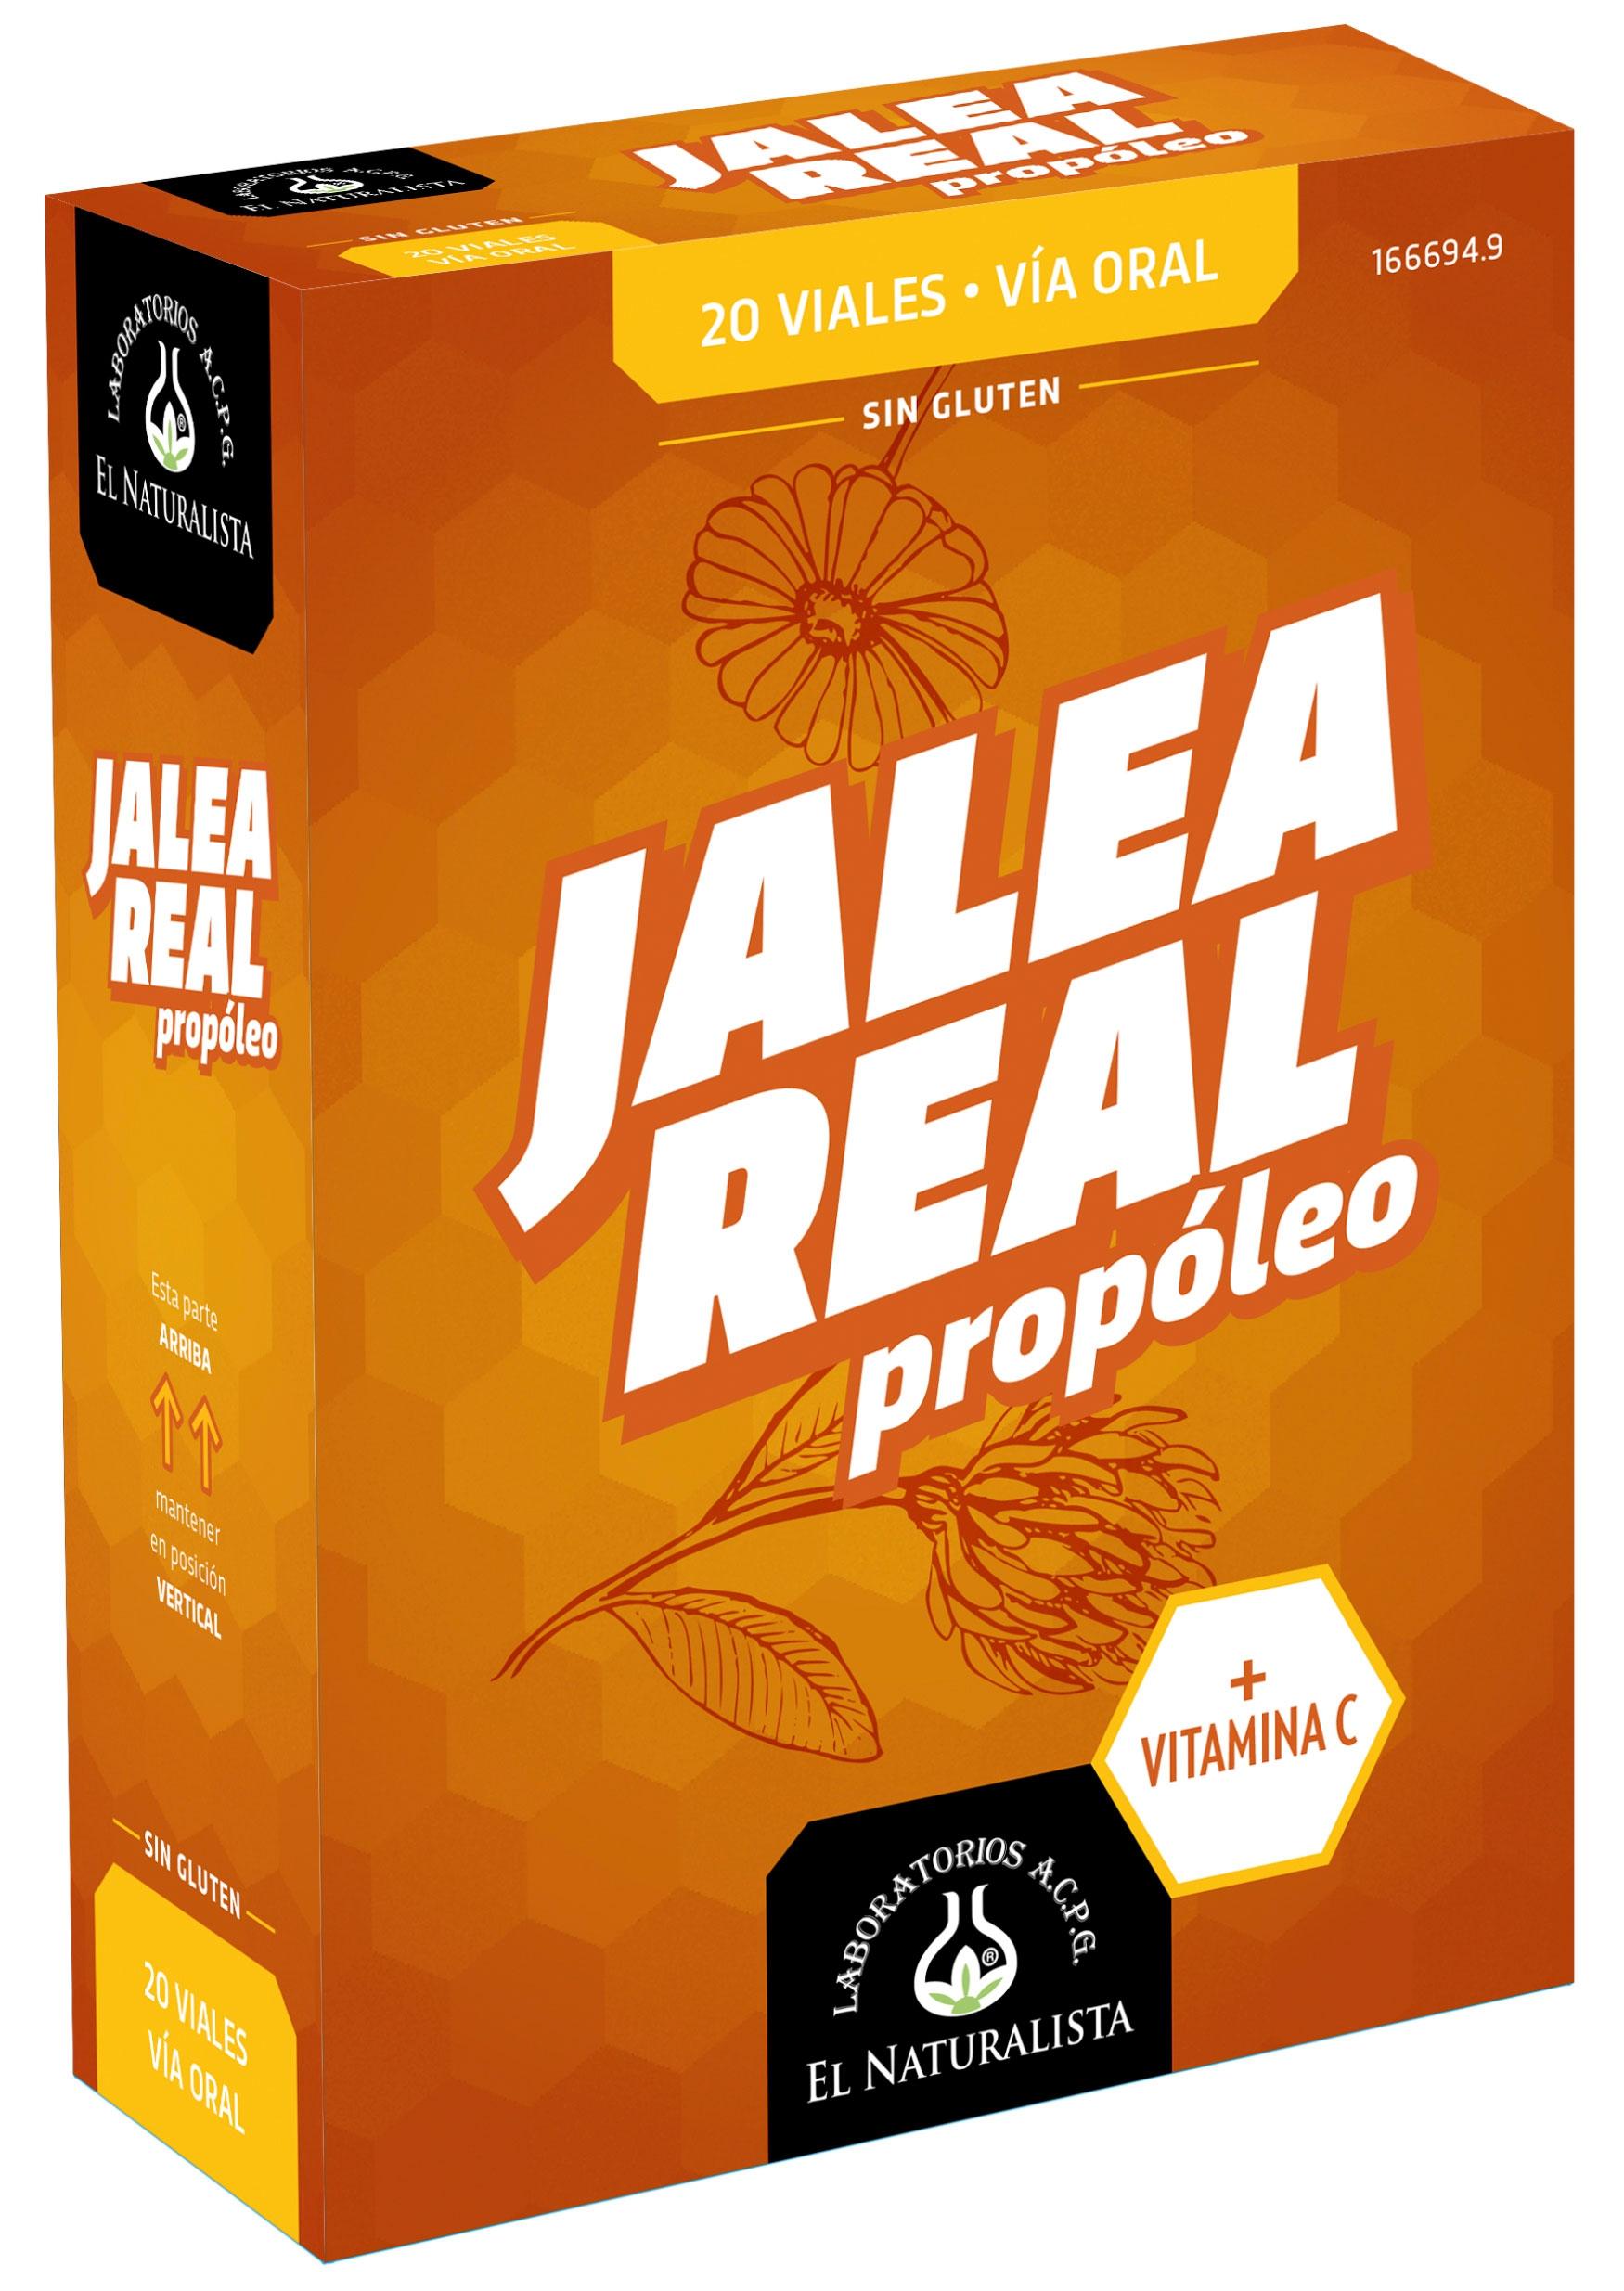 El Naturalista Jalea Real Adultos con Propóleo 20 viales